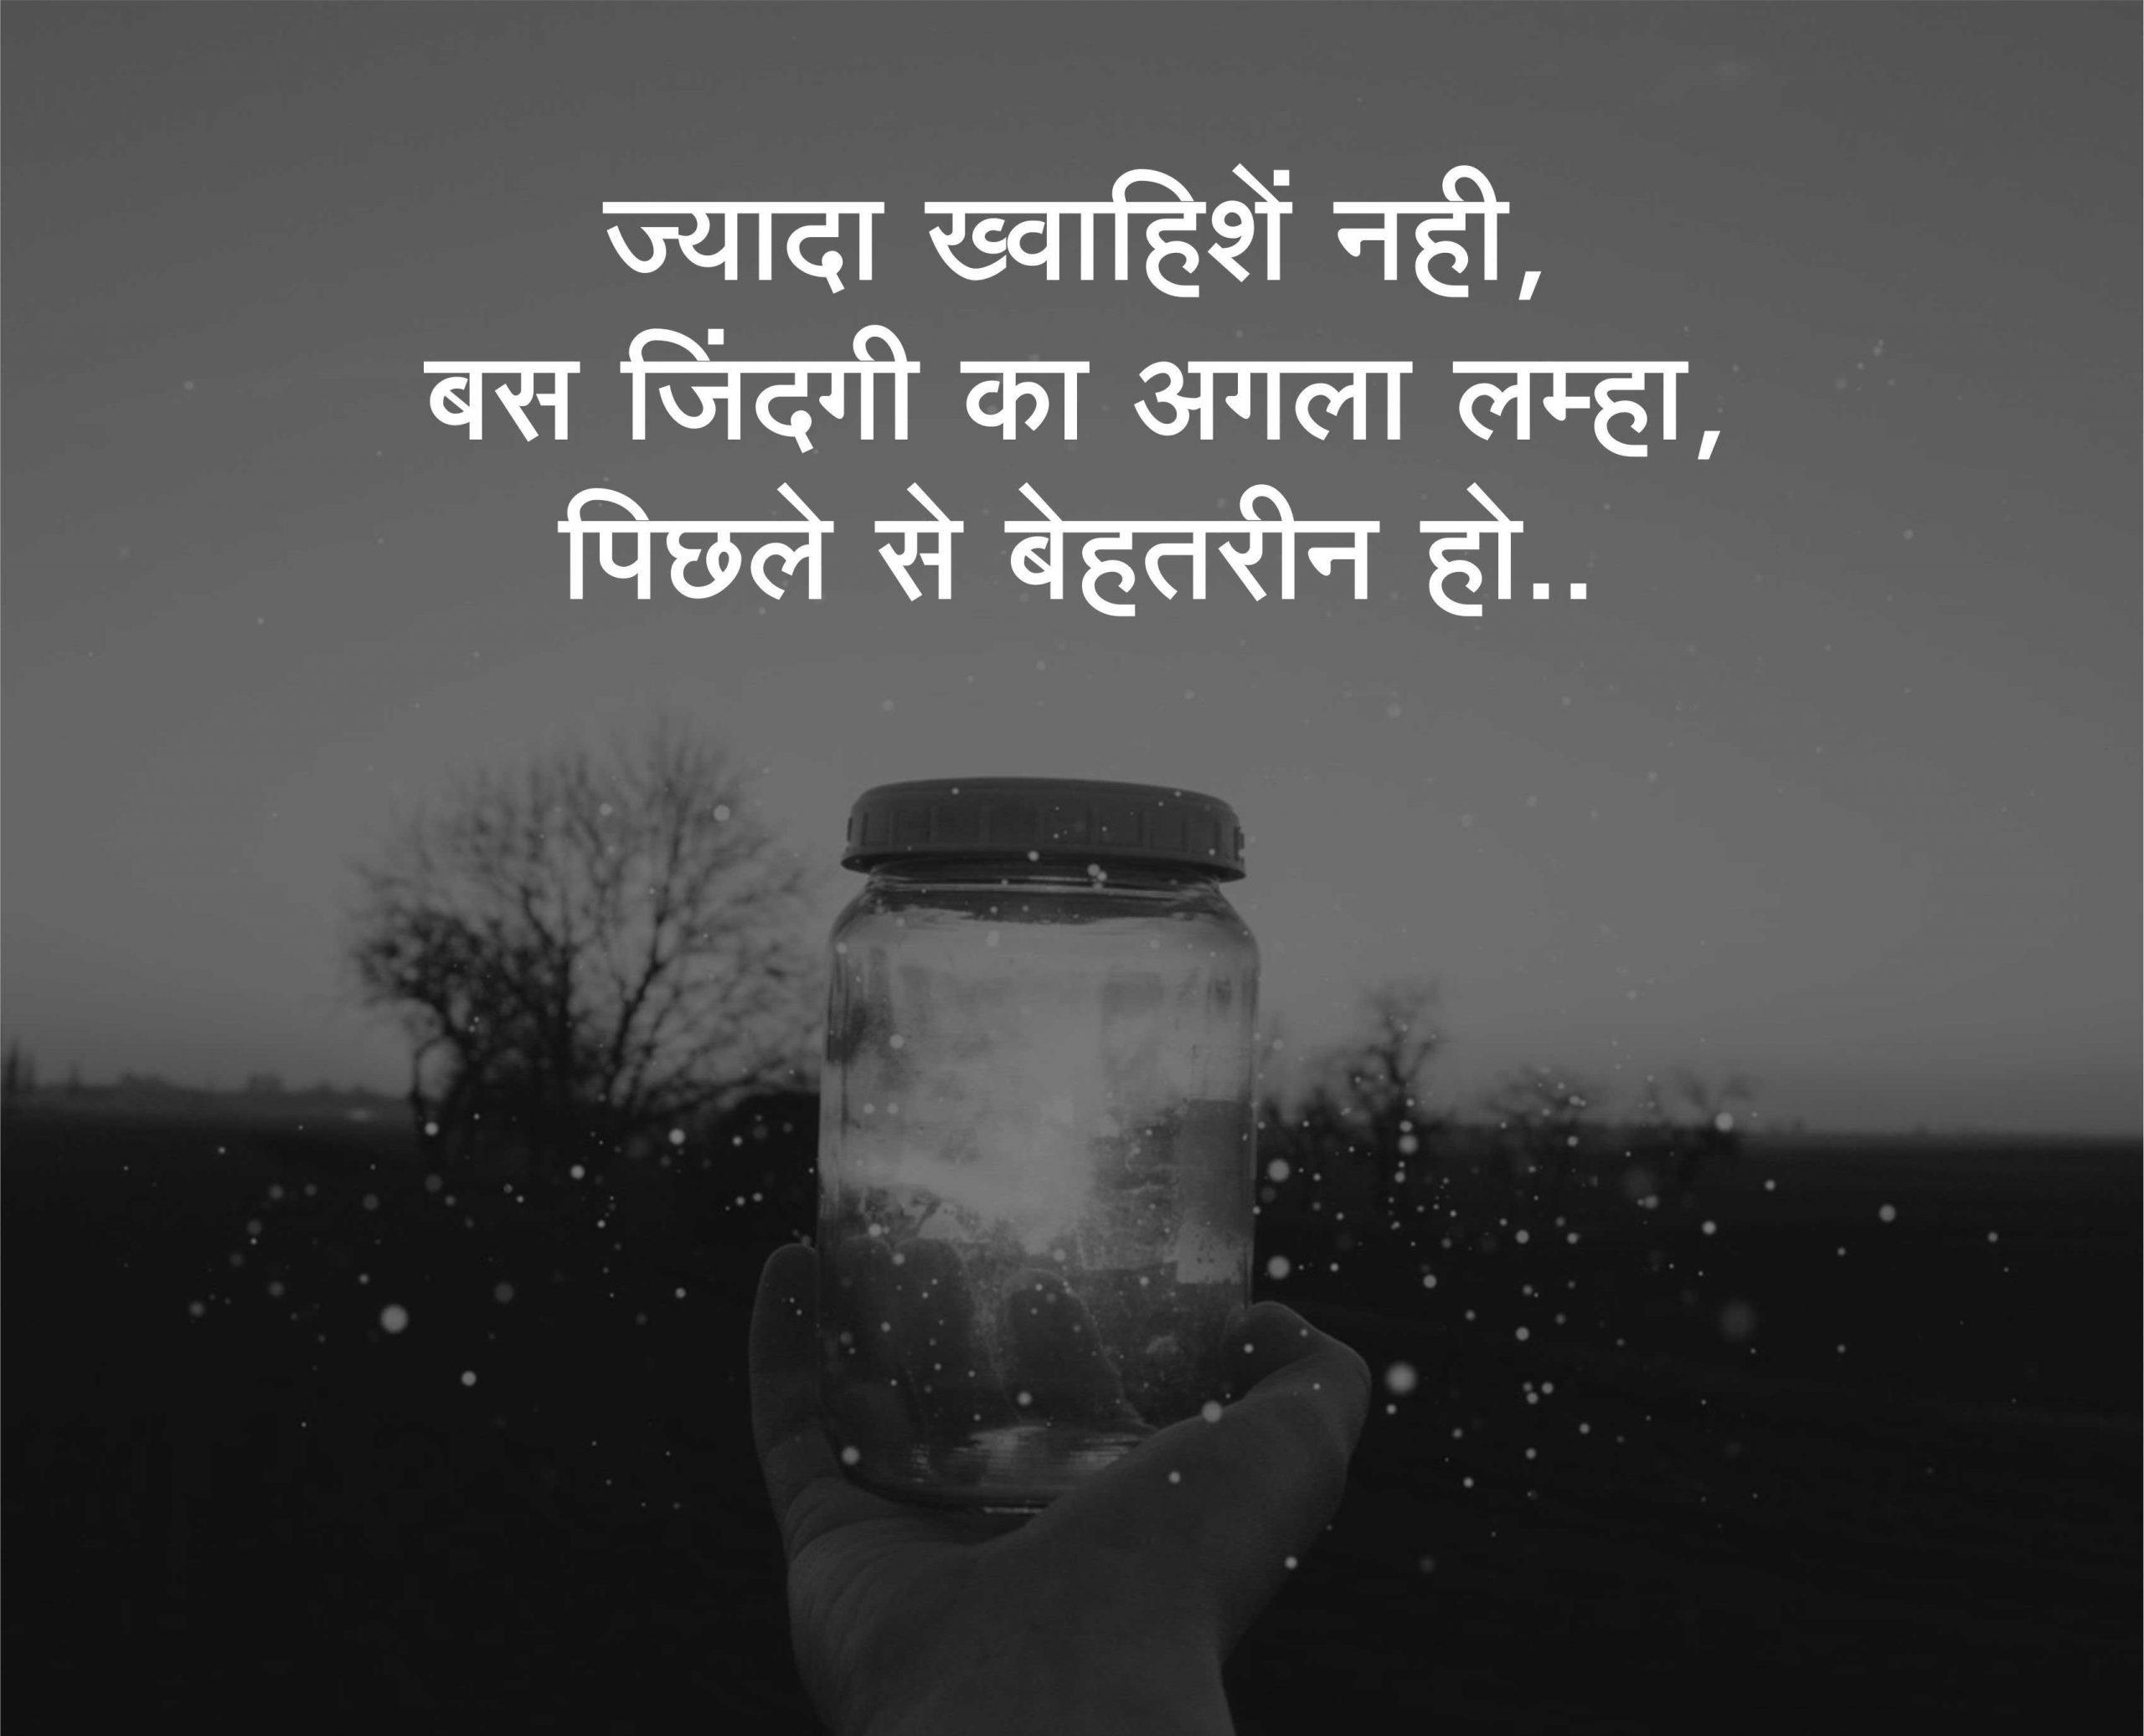 Hindi Quotes Whatsapp DP Photo Free Hd